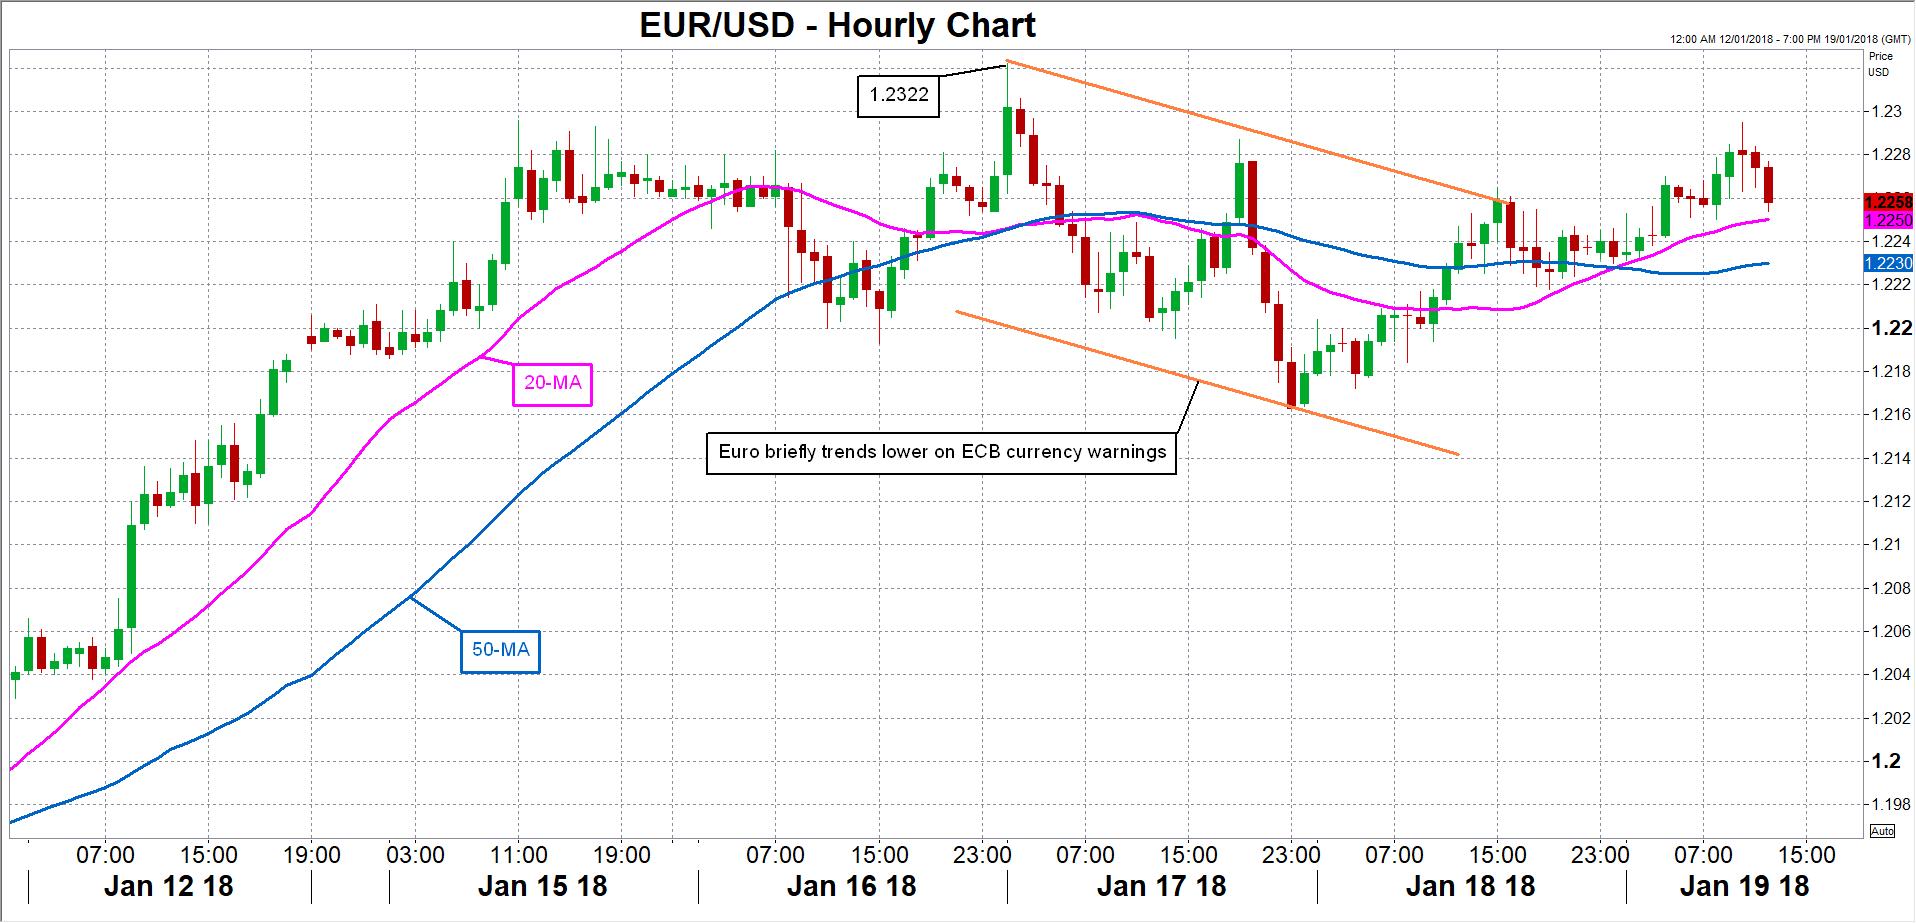 EUR/USD 21/01/2018 | Econ Alerts